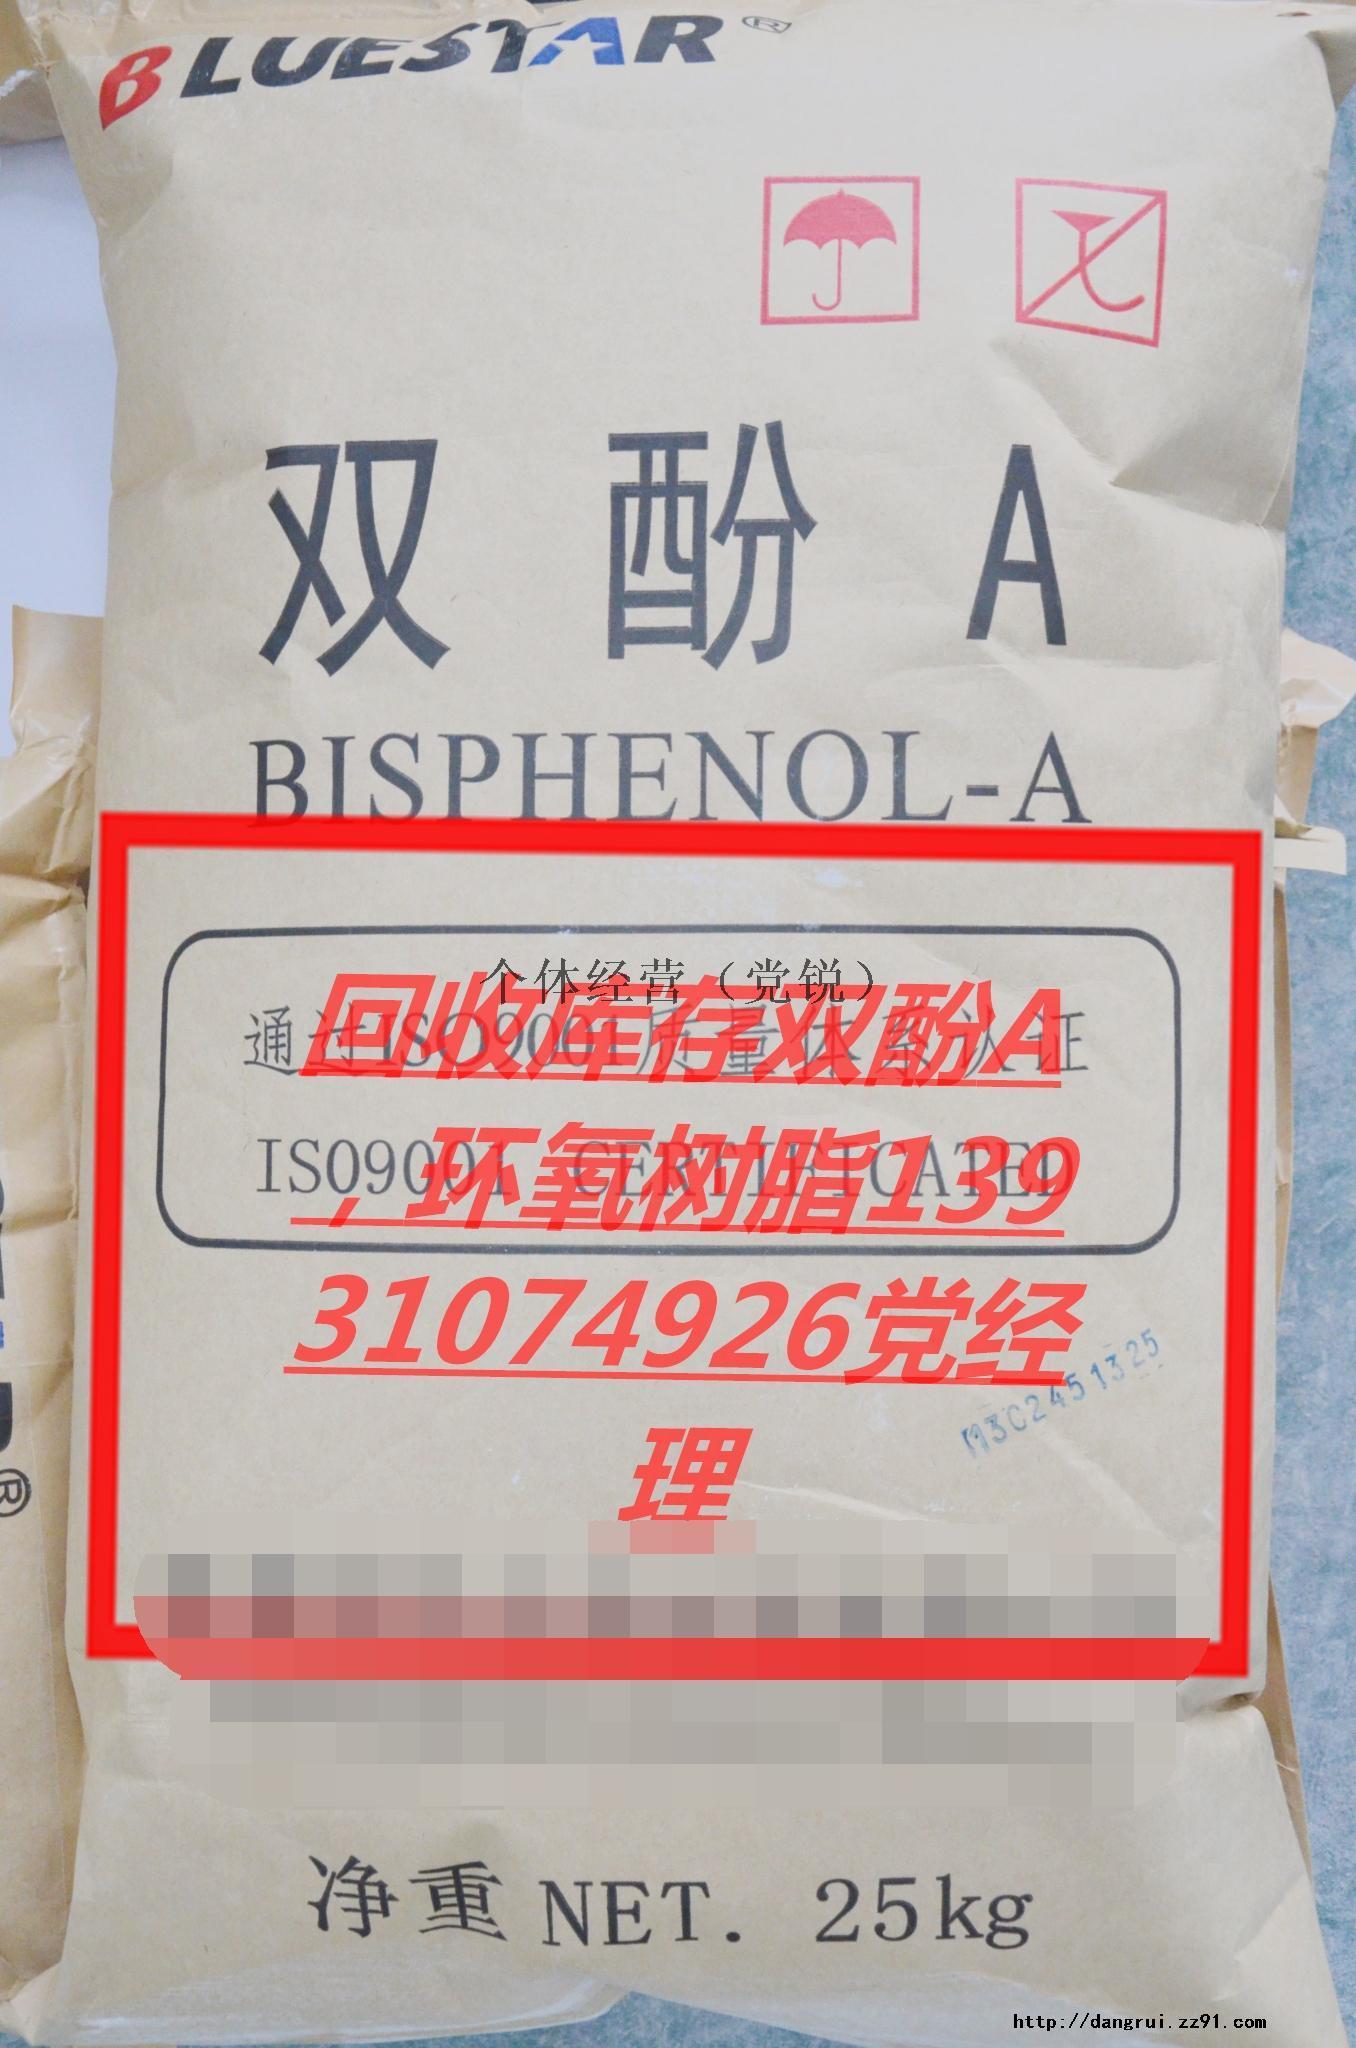 牡丹江哪回收脂肪酸行情(13931074926)党经理